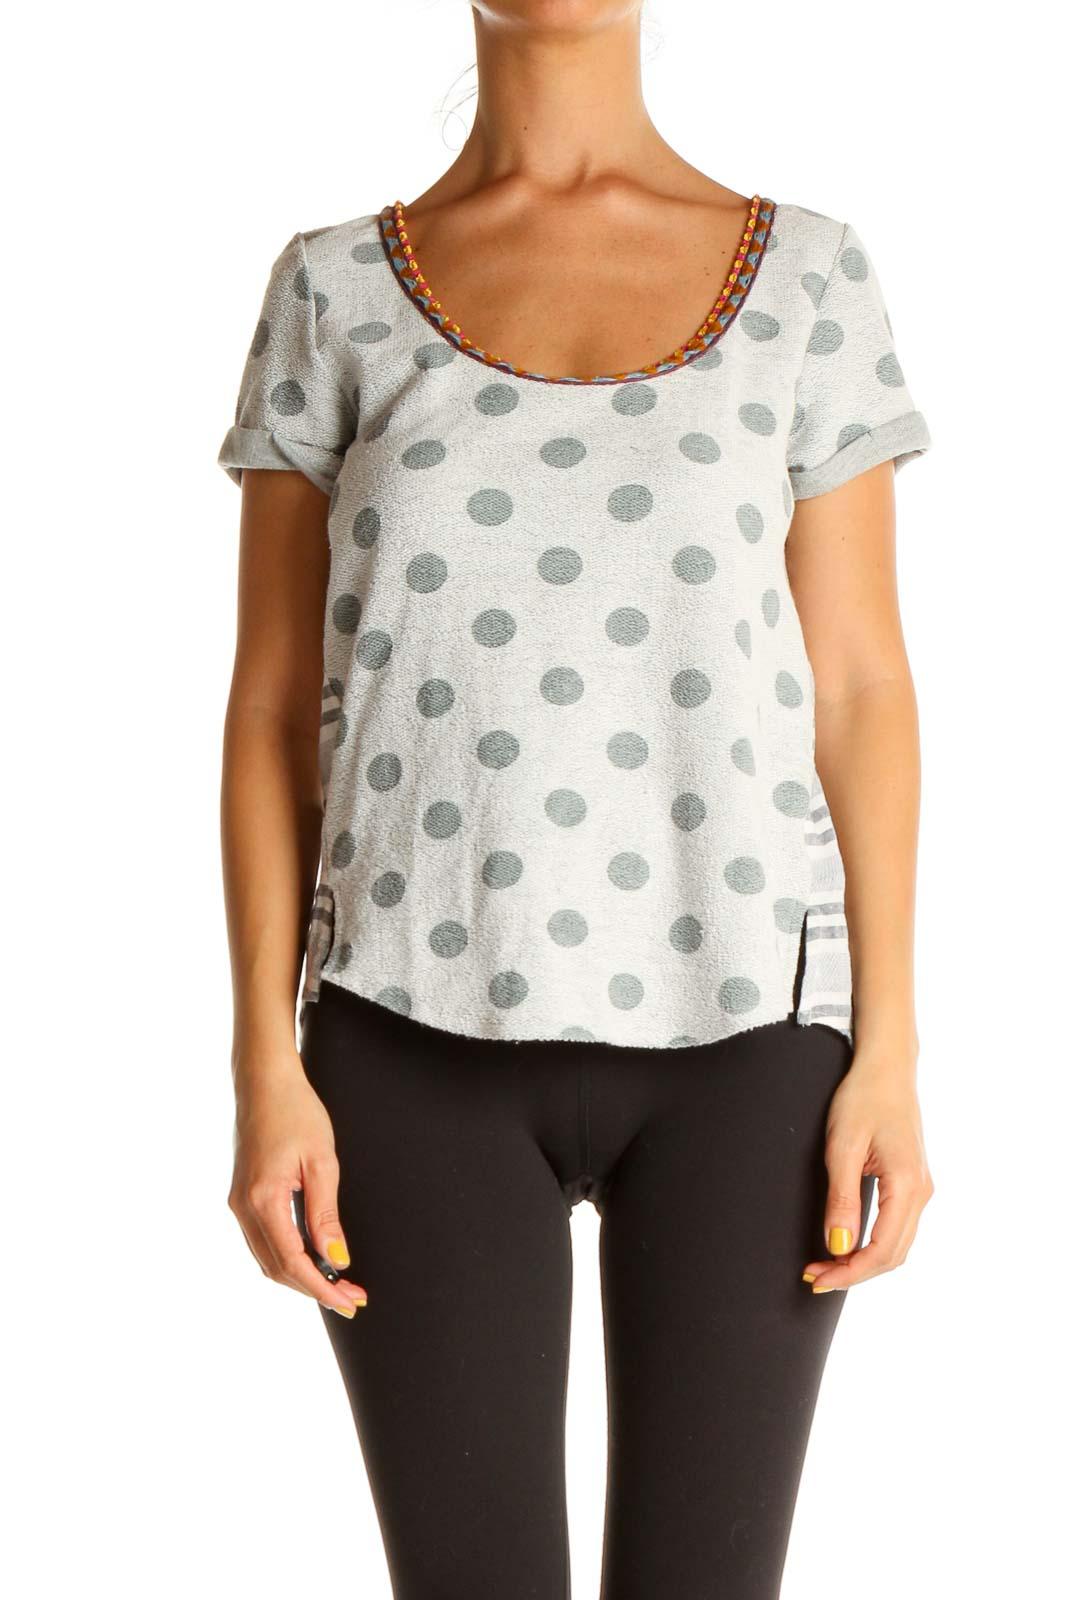 Gray Polka Dot Casual T-Shirt Front